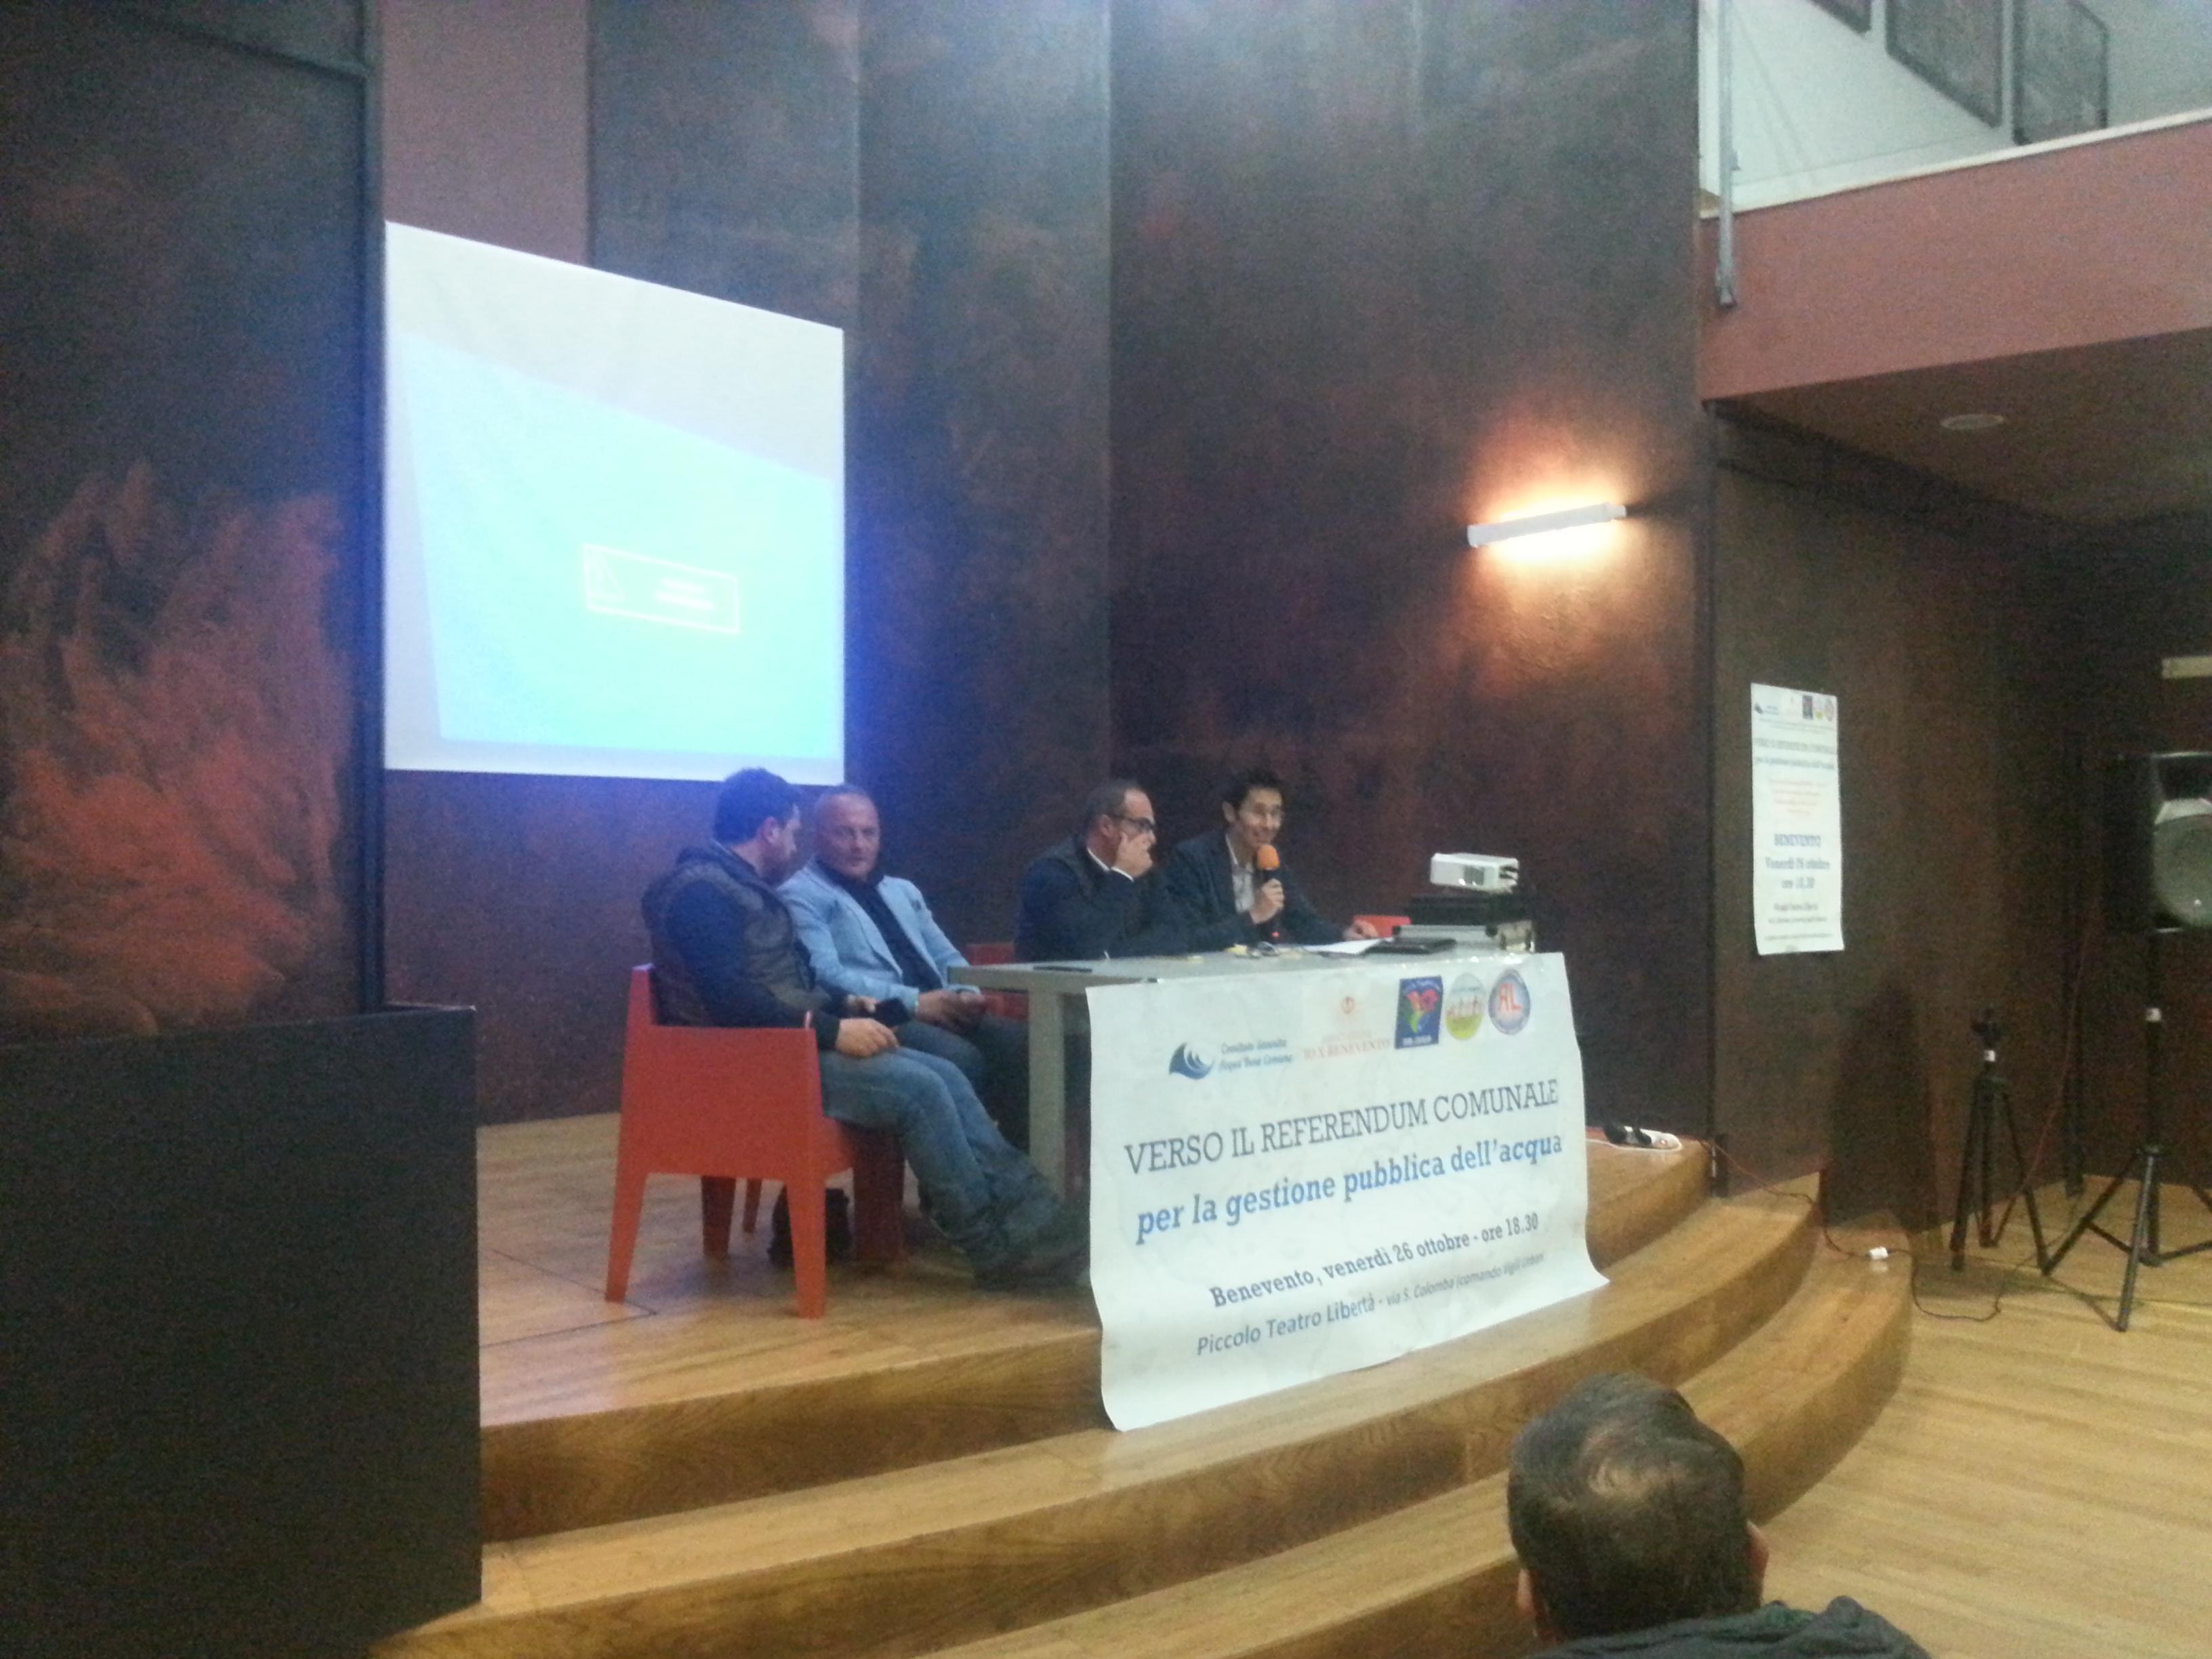 Benevento verso il referendum comunale per la gestione pubblica dell'acqua